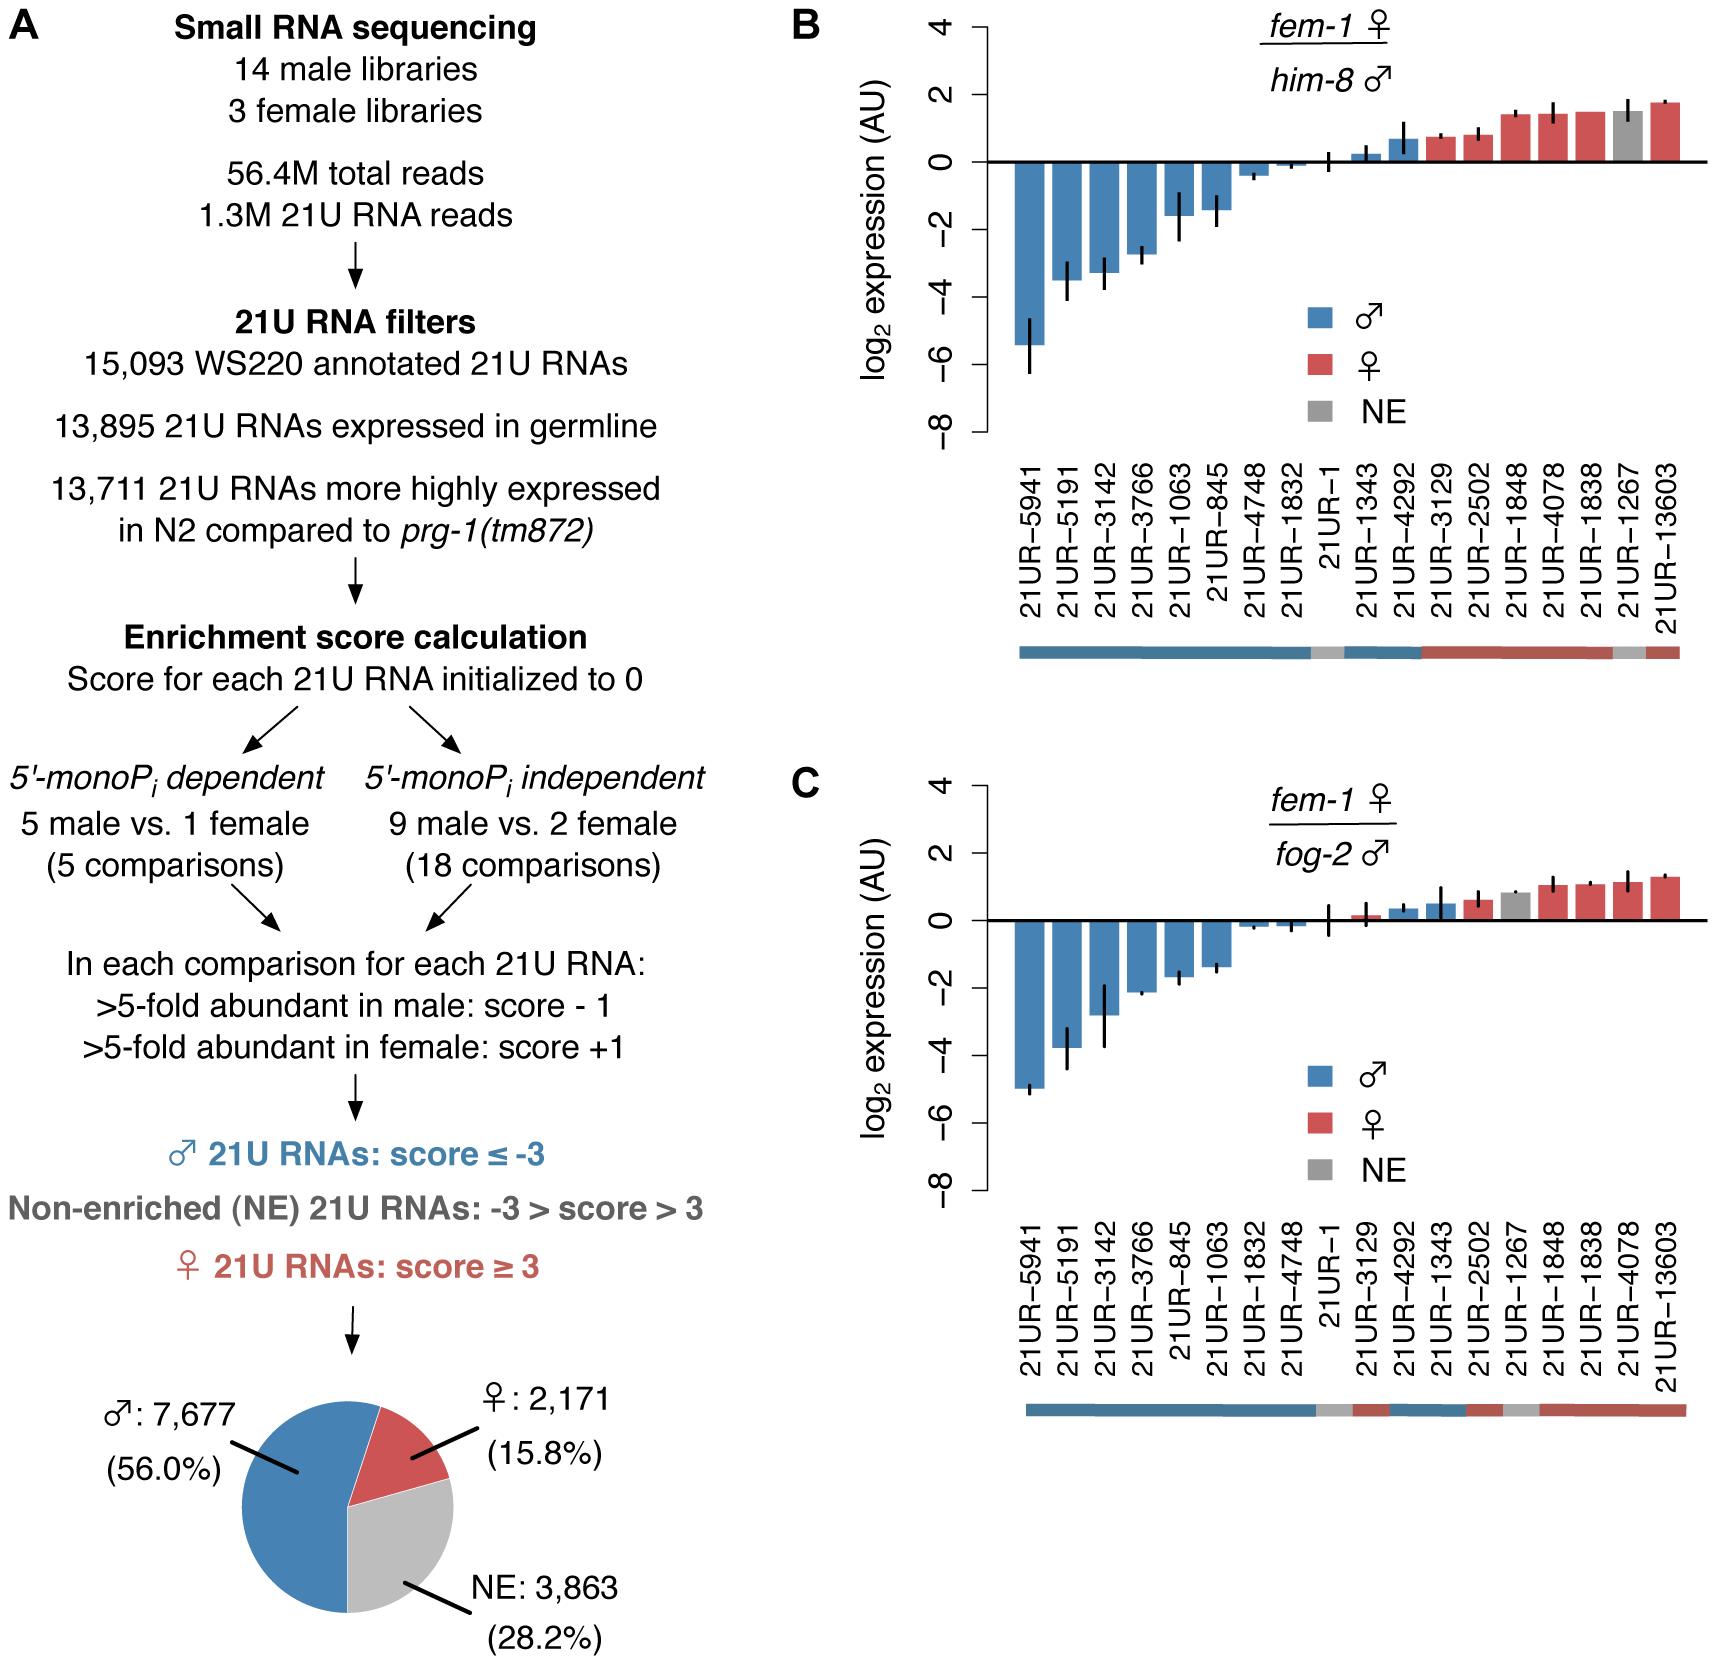 Over 70% of 21U RNAs show distinct germline enrichment.